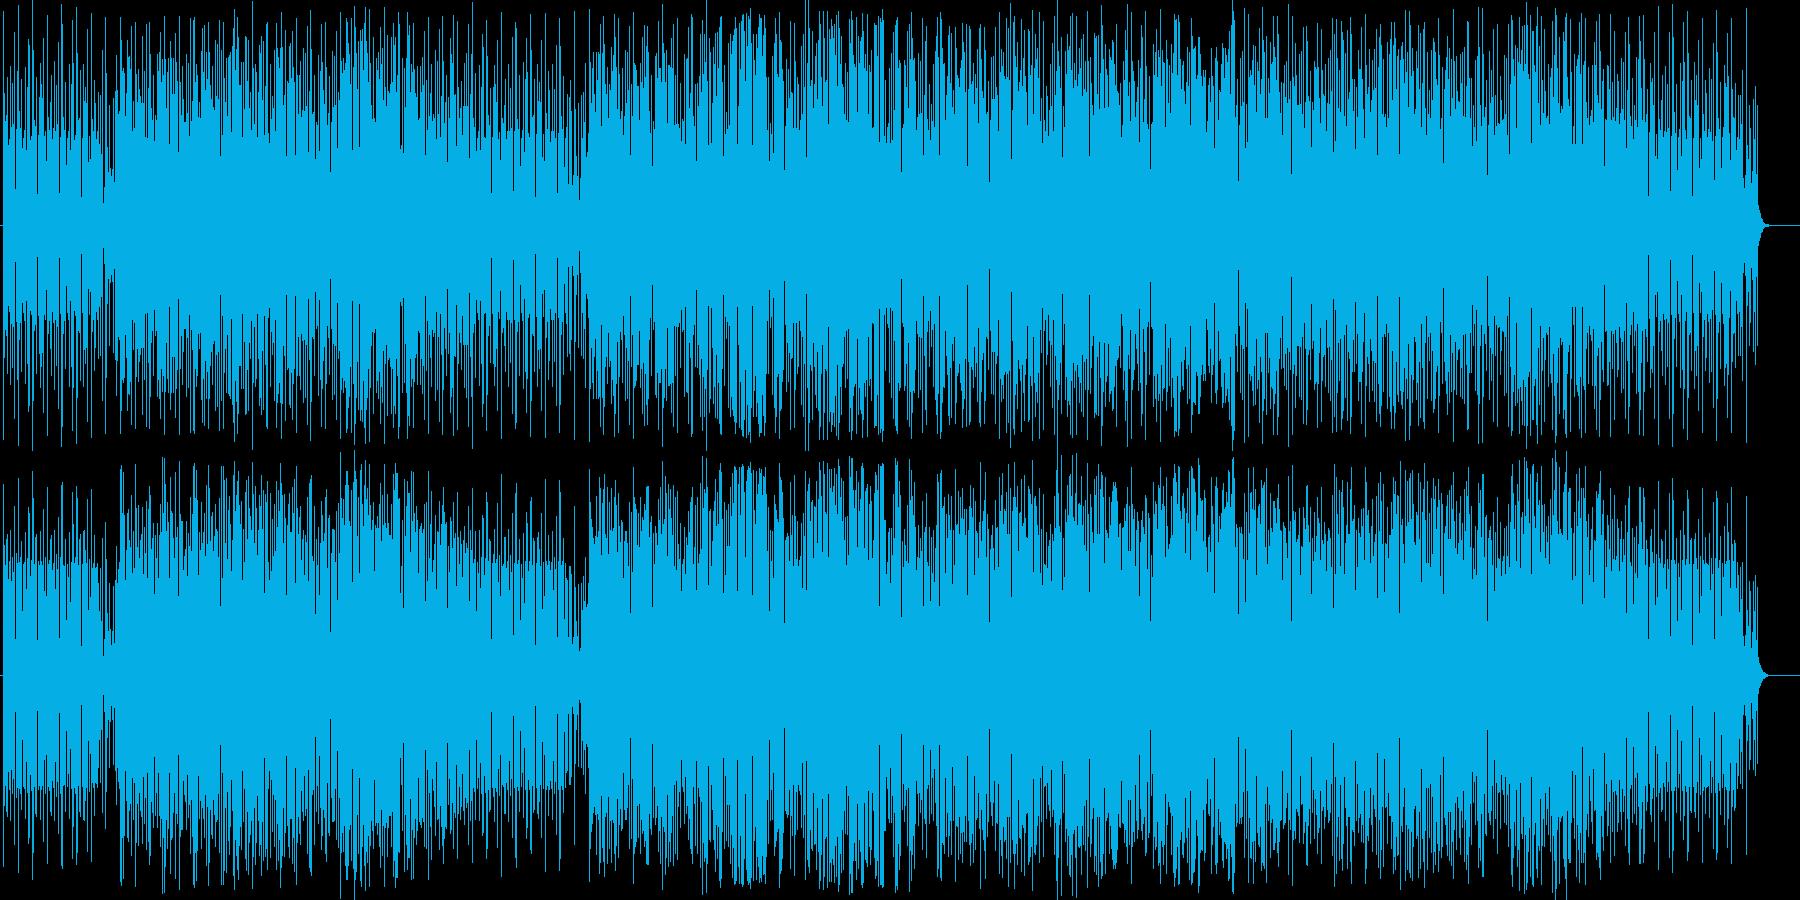 かっこいい雰囲気のジャズの再生済みの波形